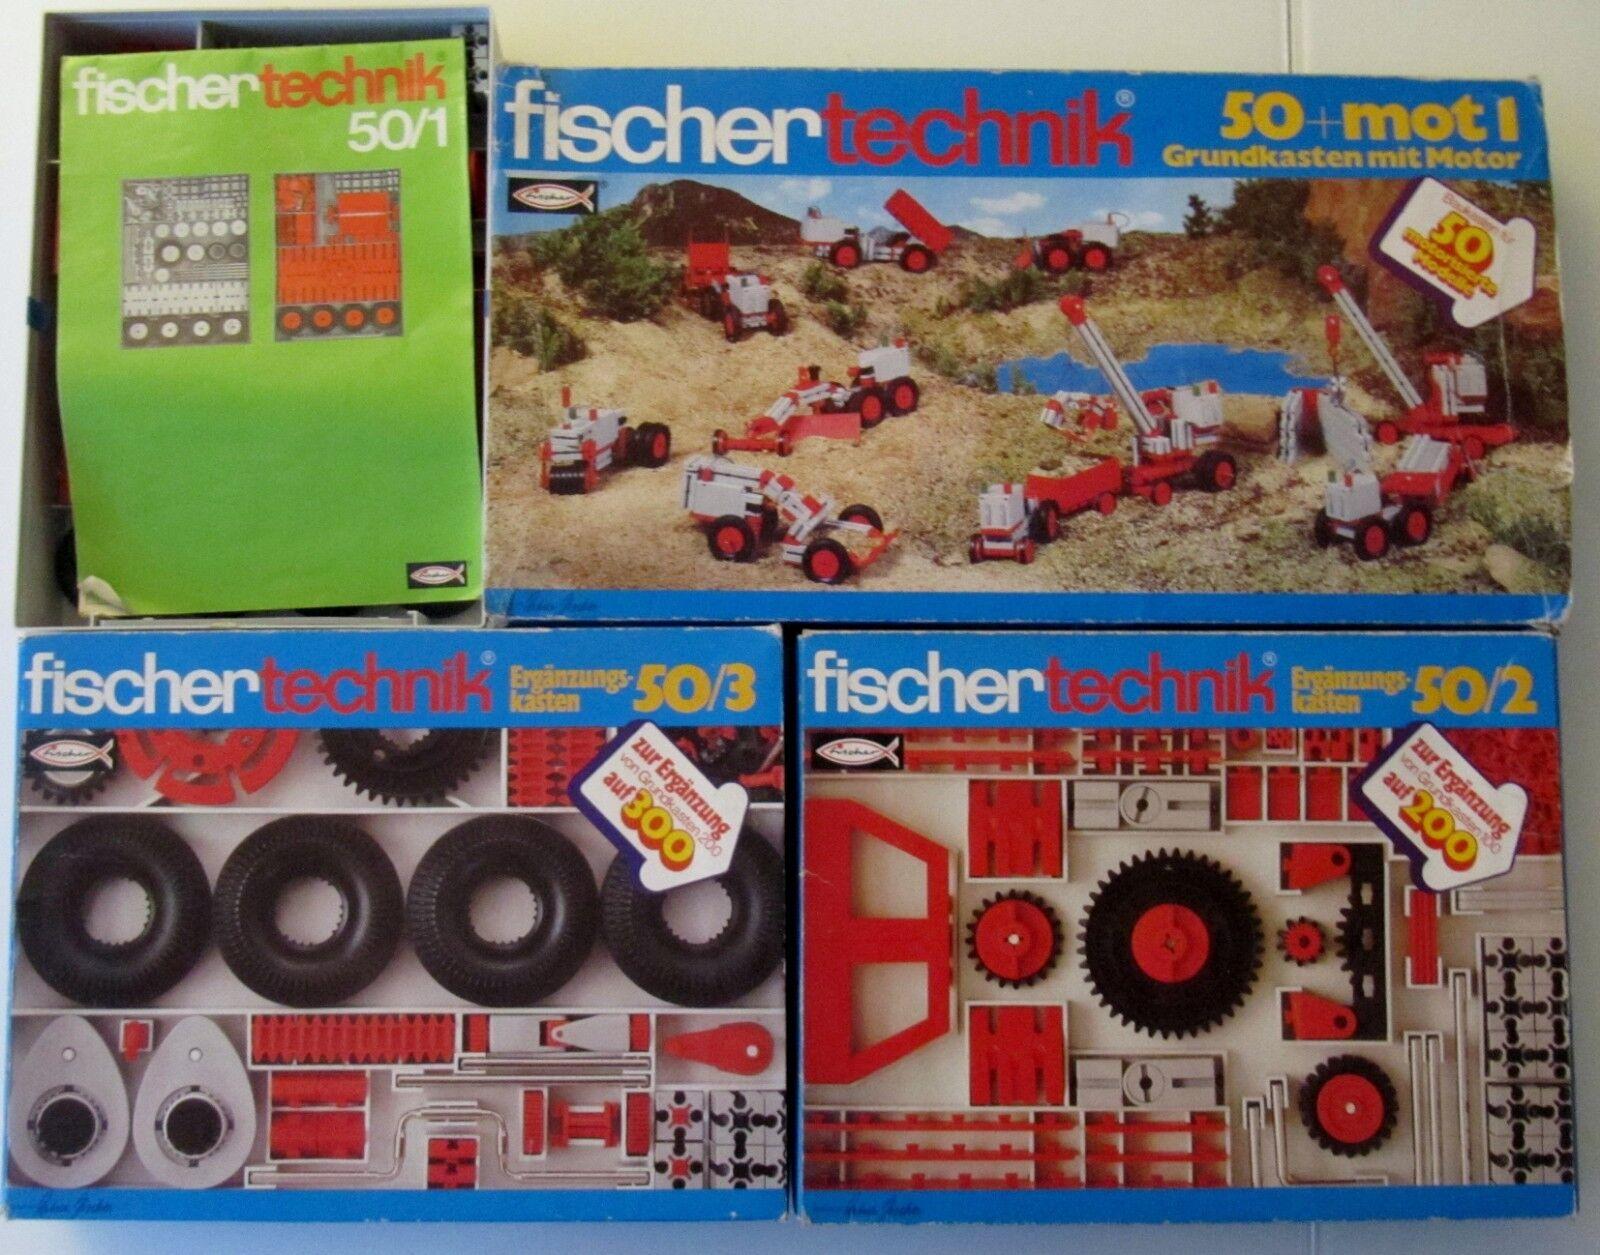 TOP  Fischertechnik Grundkasten mit Motor 50 + MOT1 + 50 1 + 50 2 + 50 3  EXTRAS